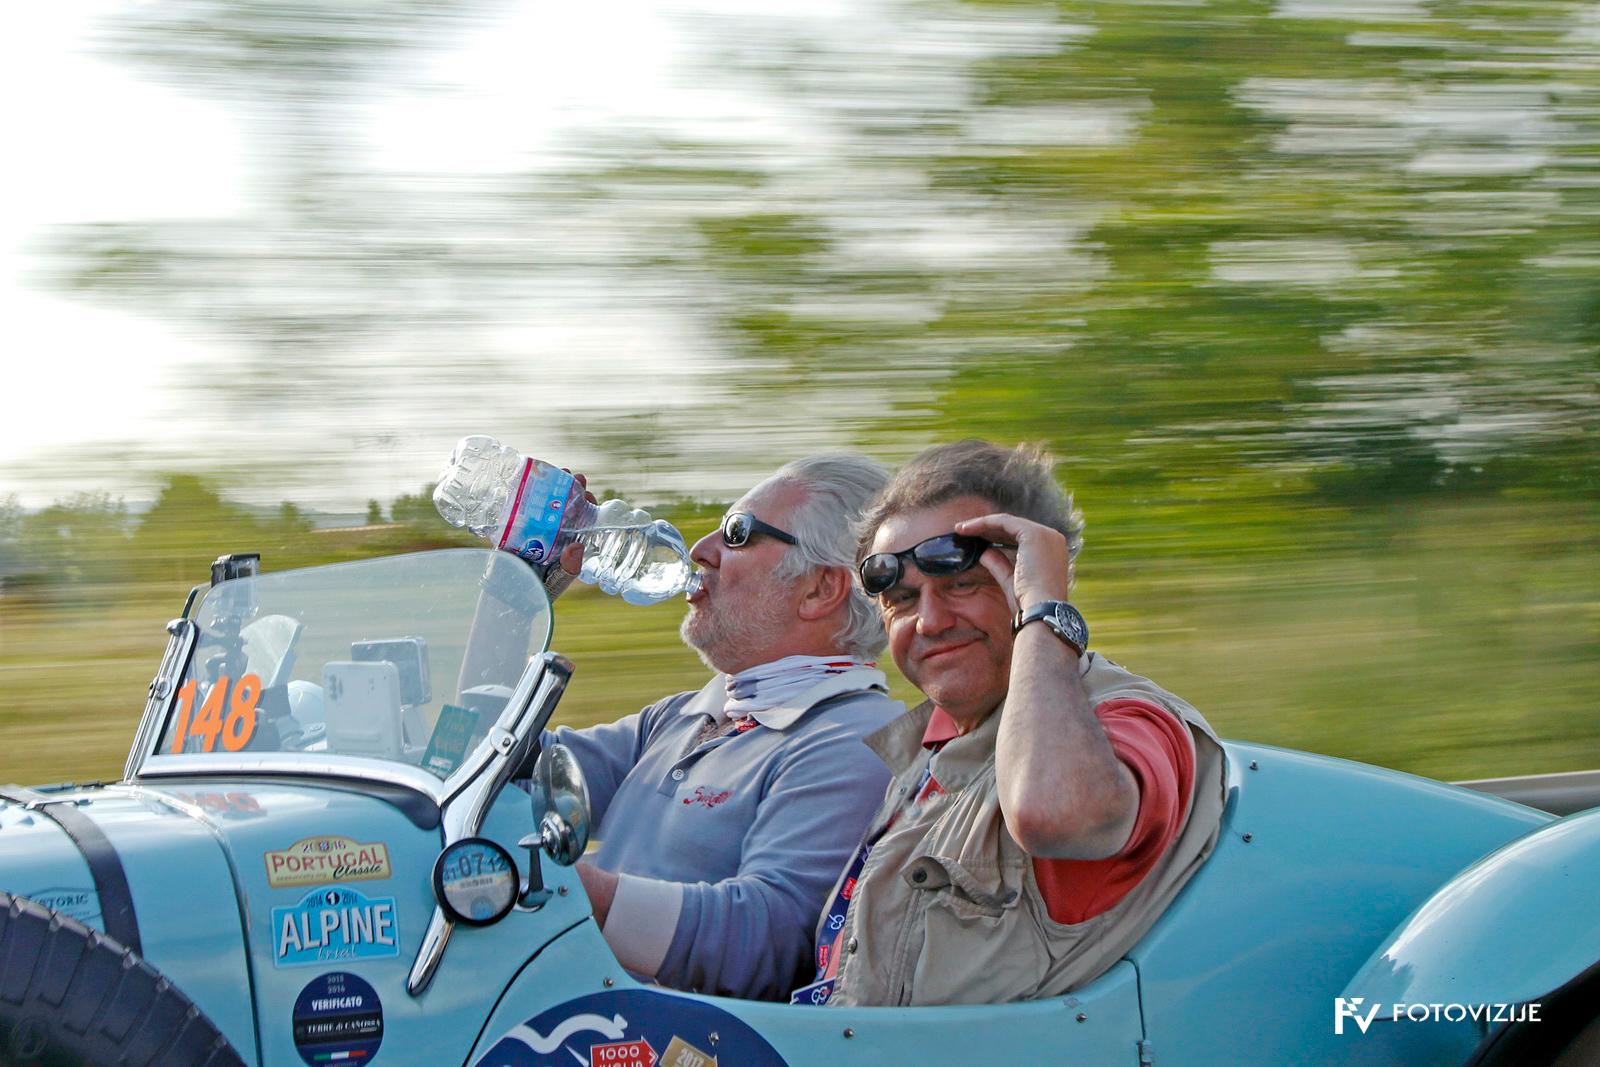 Moja najljubša fotografija z dirke Mille Miglia 2017 - le kdo vozi?